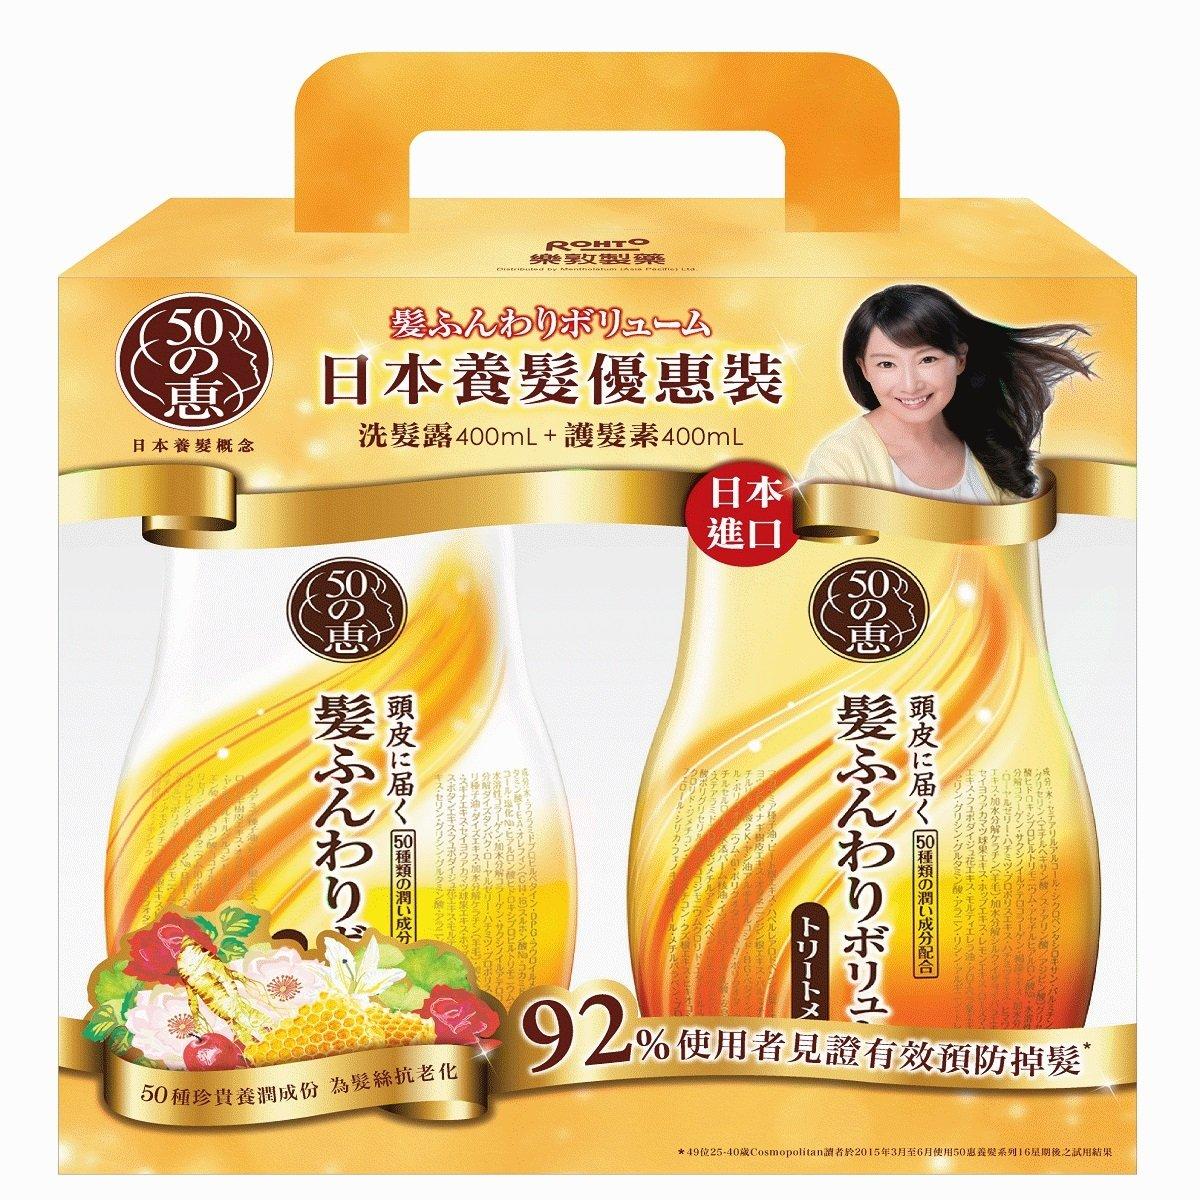 日本養髮優惠裝 - 養潤豐盈洗髮露+護髮素 (滋養型)